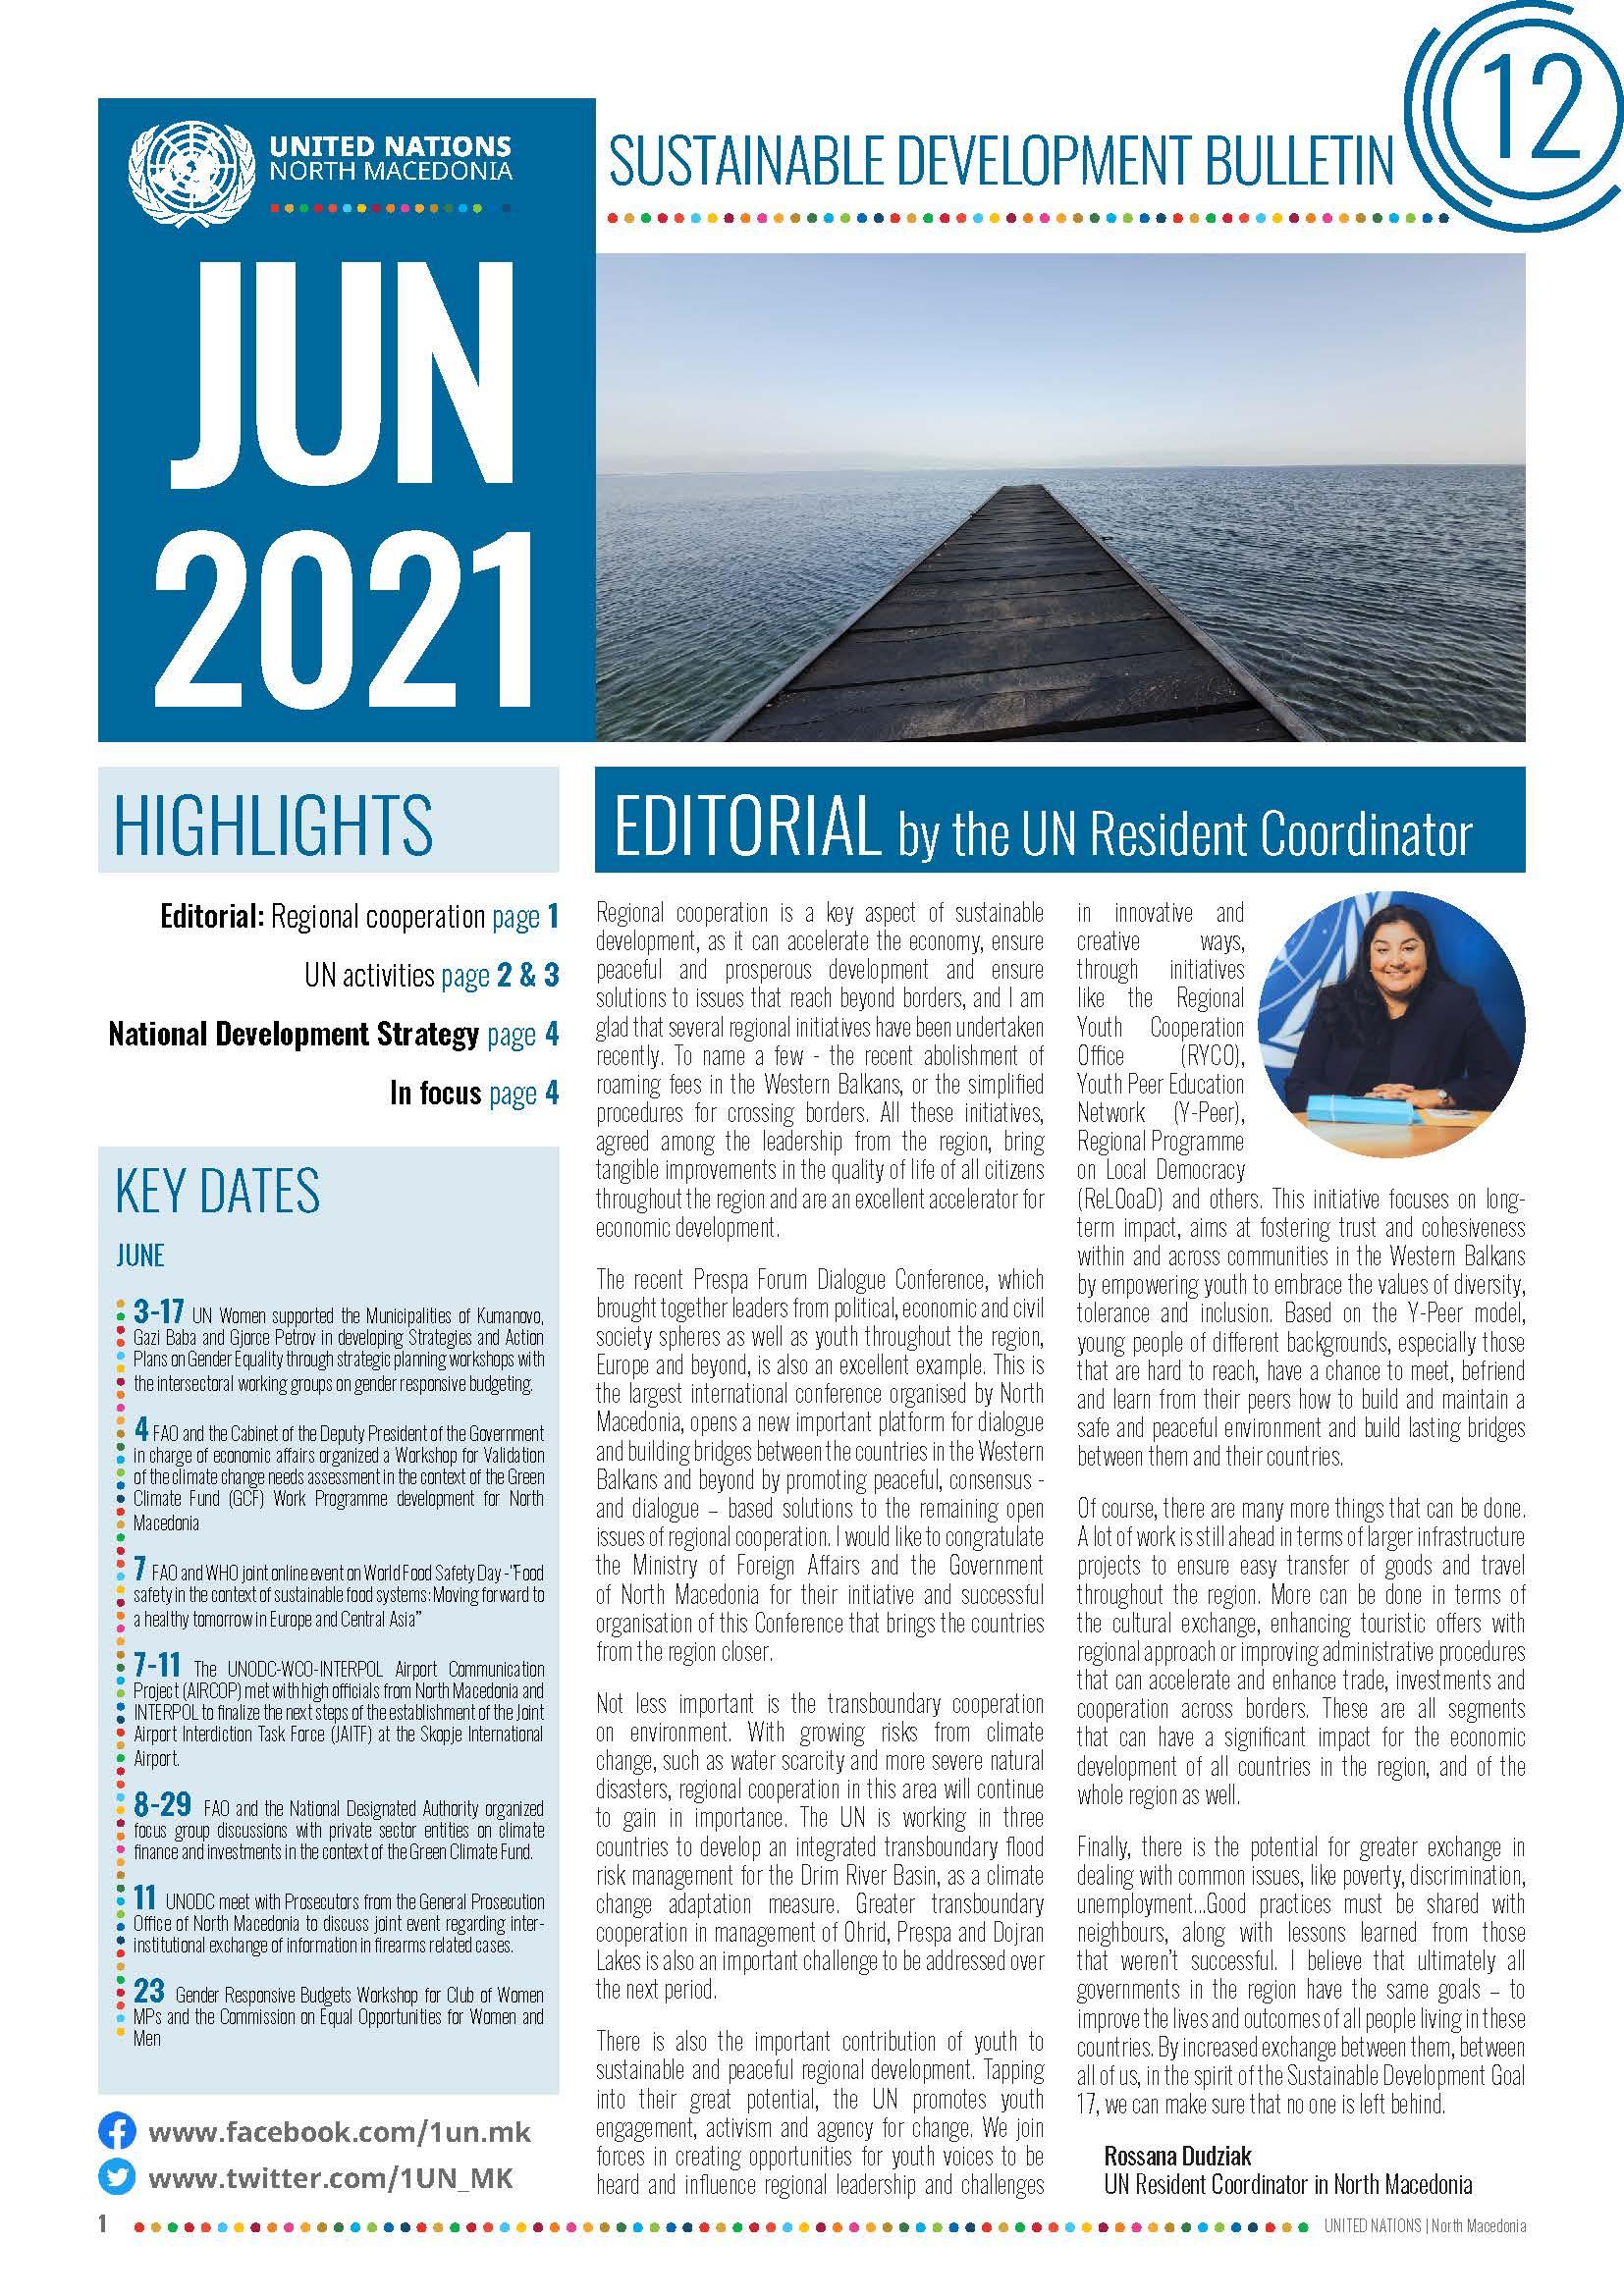 Билтен за одржлив развој за јуни 2021